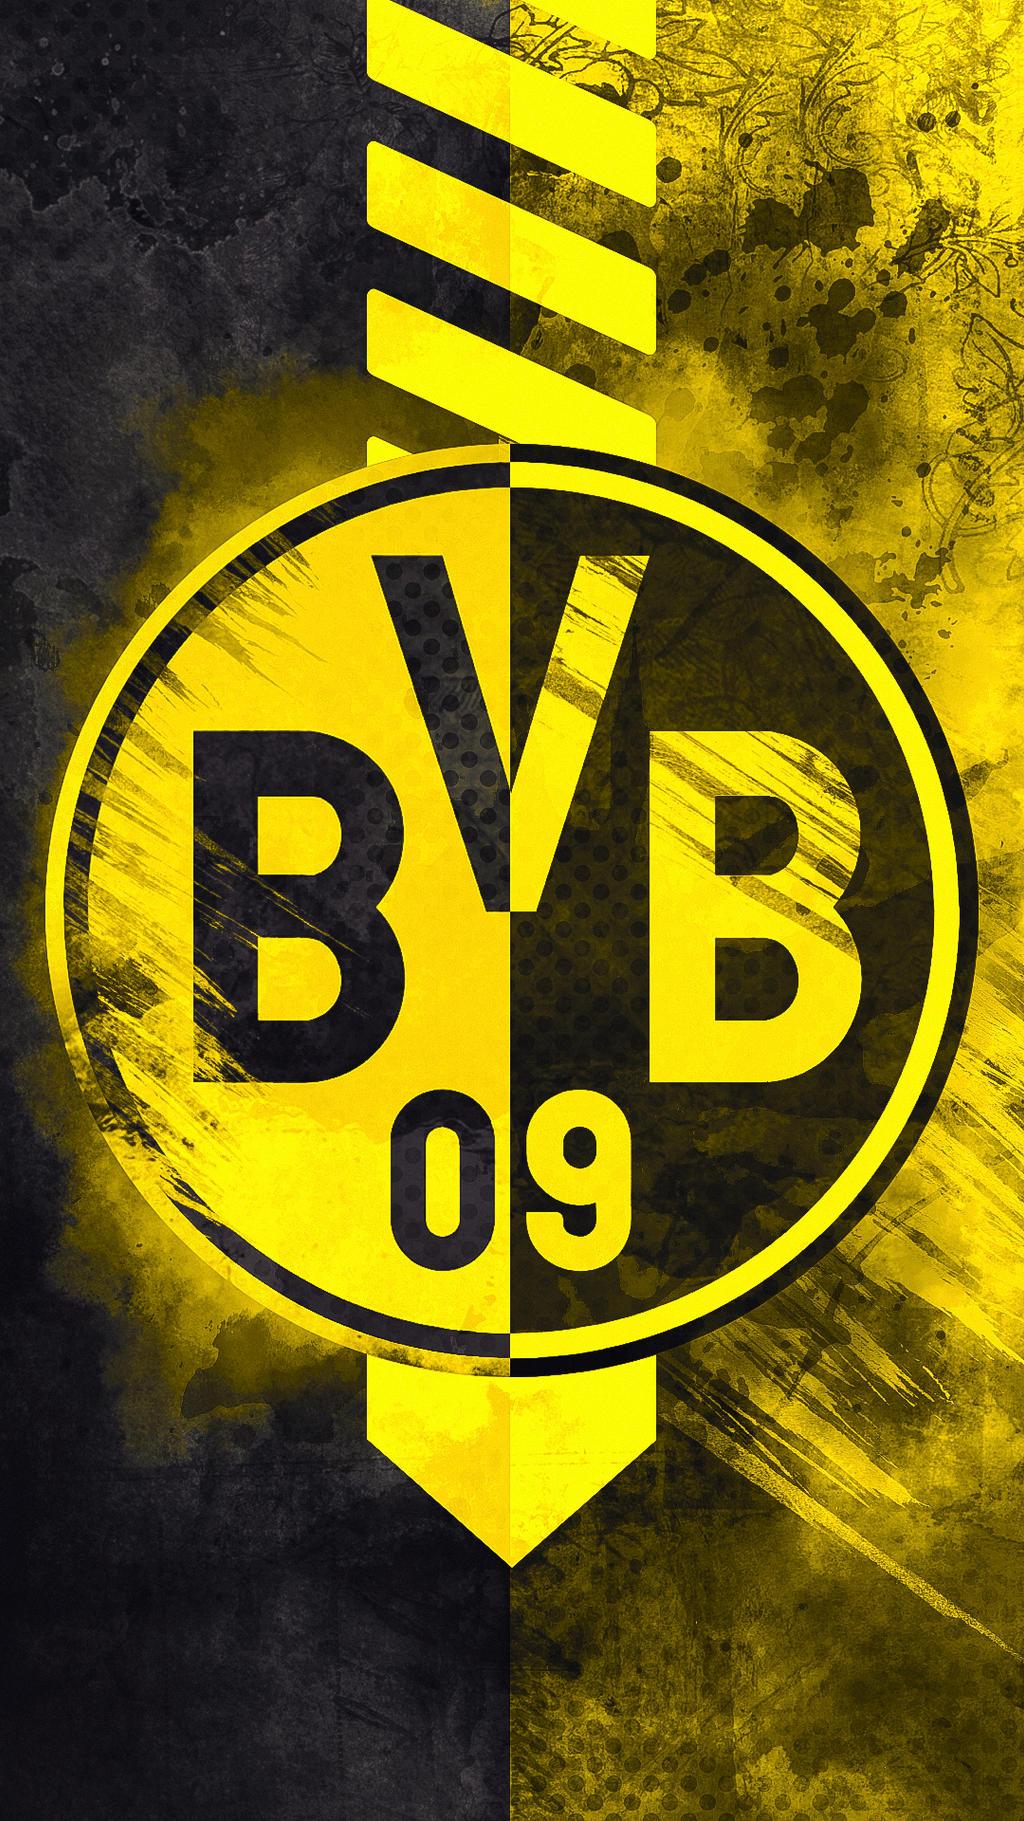 Borussia Dortmund Hd Logo Wallpaper By Kerimov23 On Deviantart